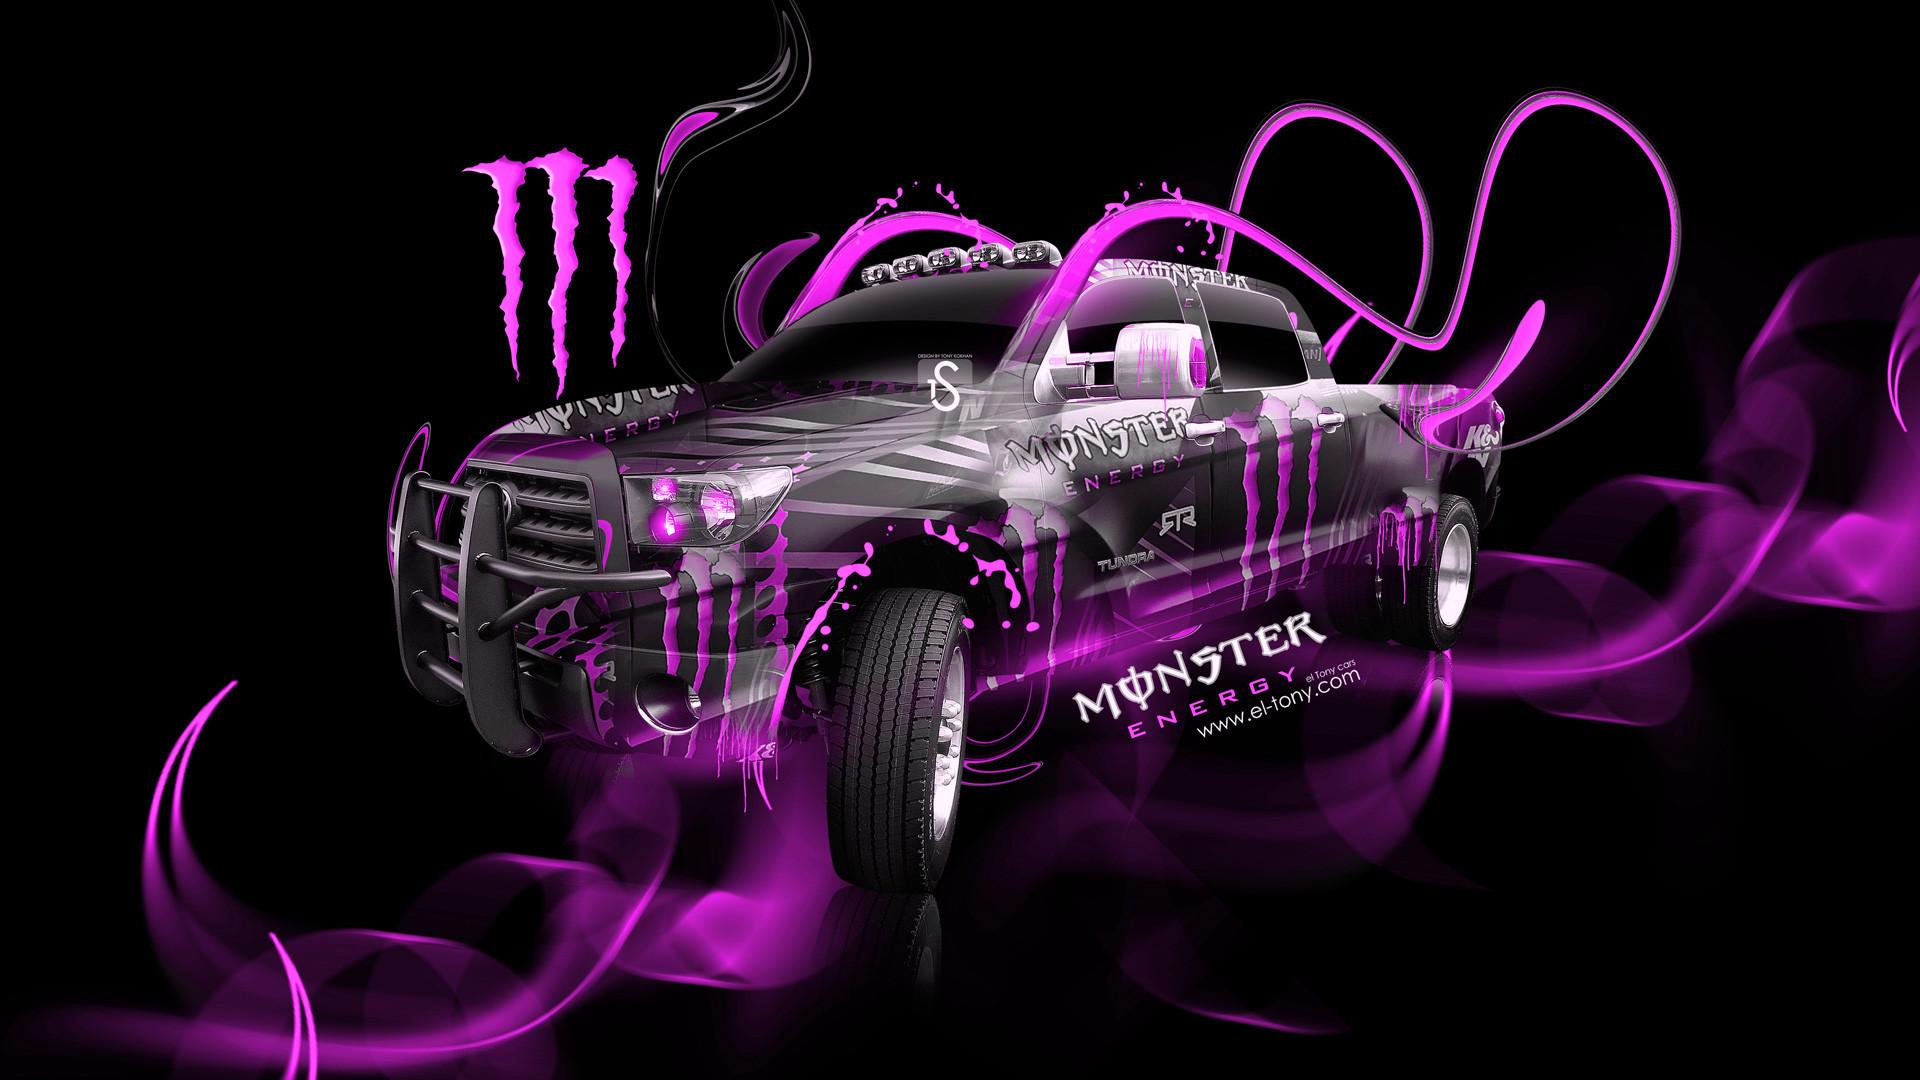 Monster Energy Wallpaper HD 2018 (76+